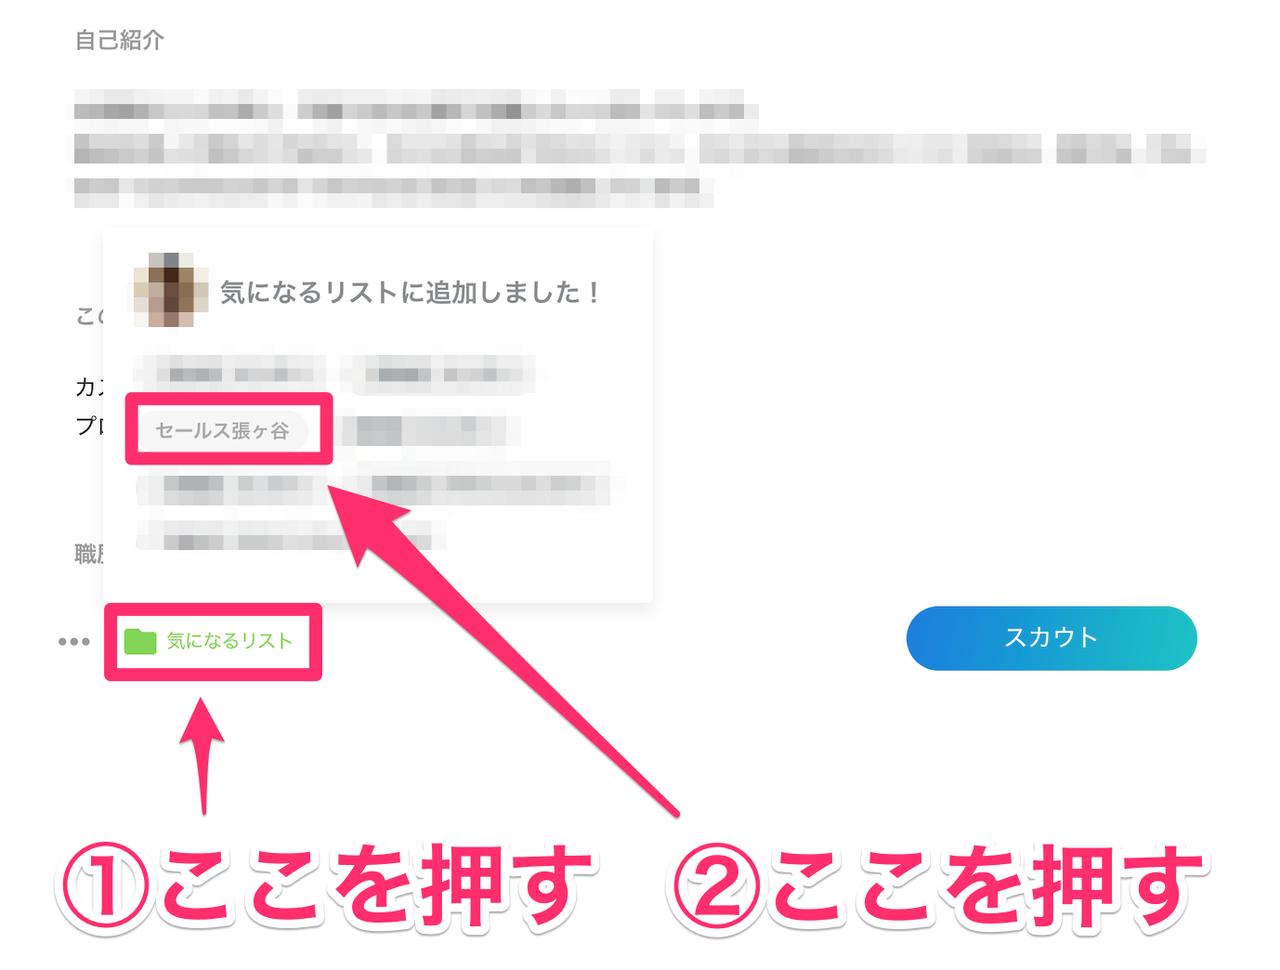 スクリーンショット_2019-10-12_22_12_05